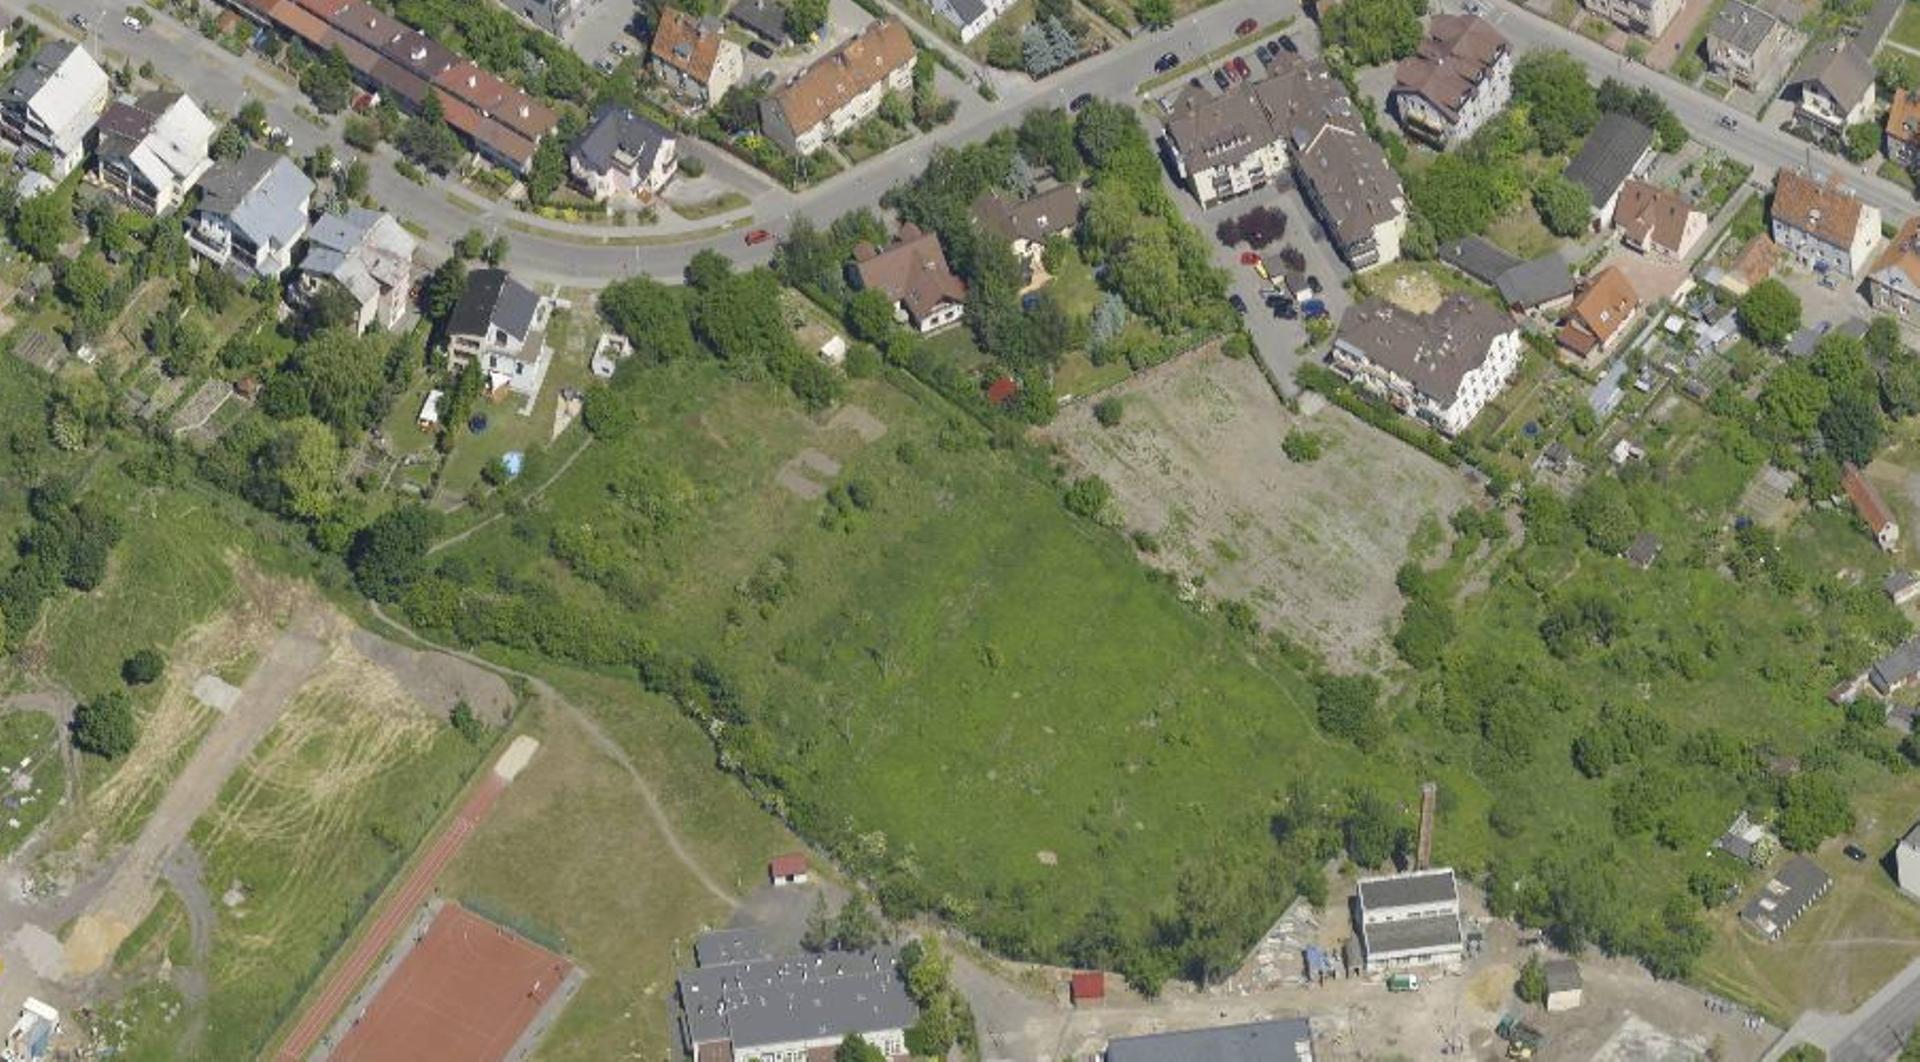 Wrocław: Budowa willi miejskich na Sołtysowicach może ruszać